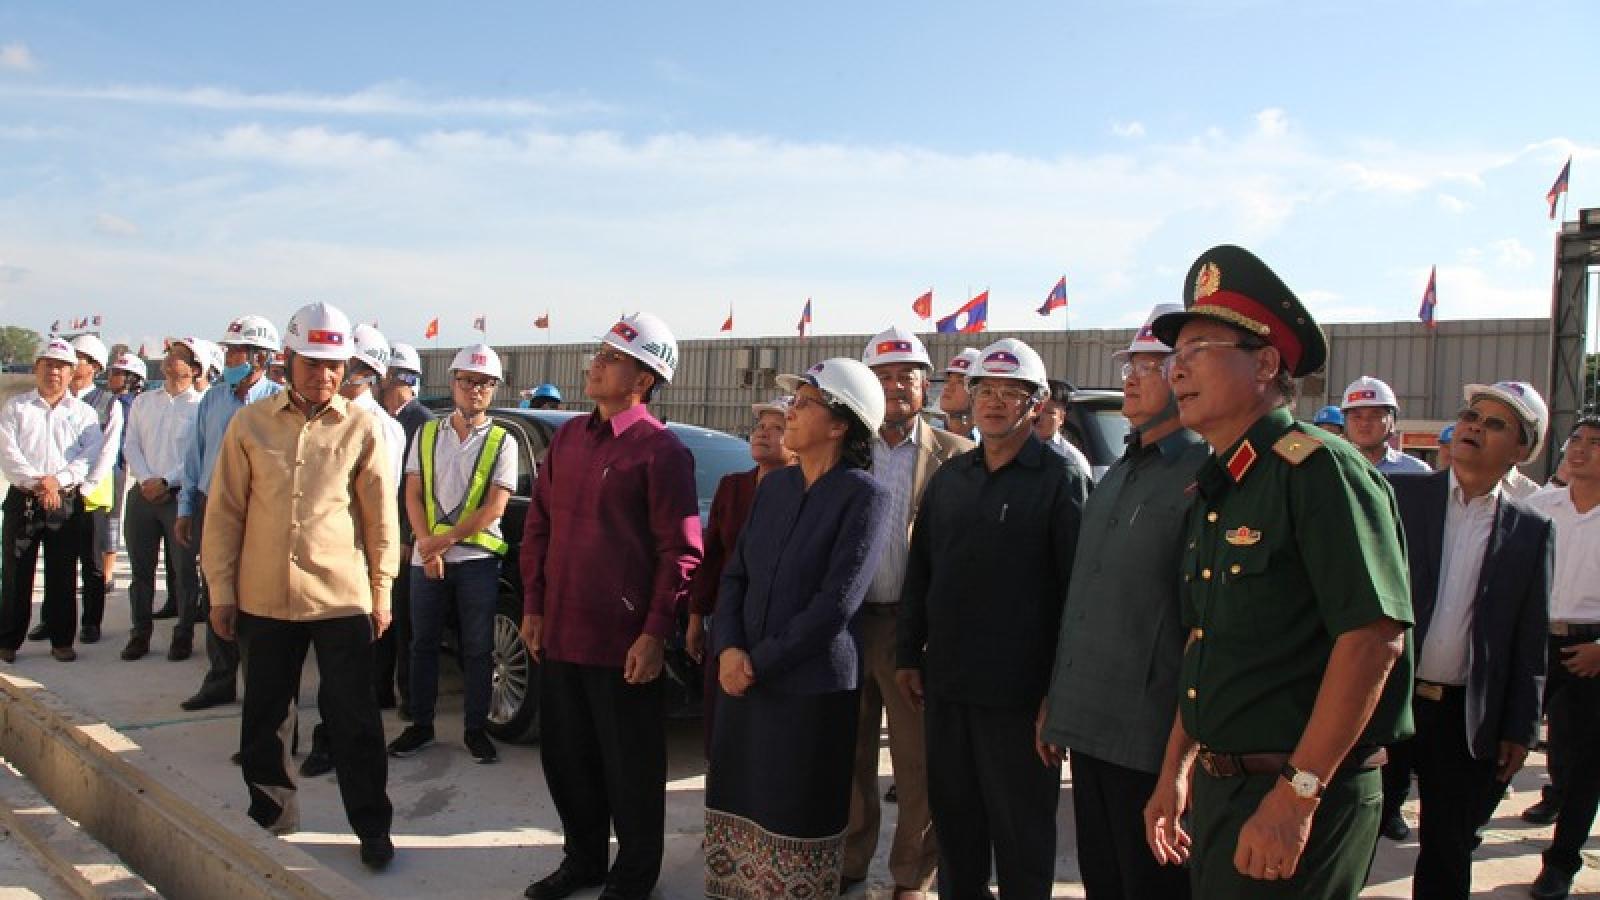 Thủ tướng Lào thăm Nhà Quốc hội - công trình do Việt Nam trao tặng